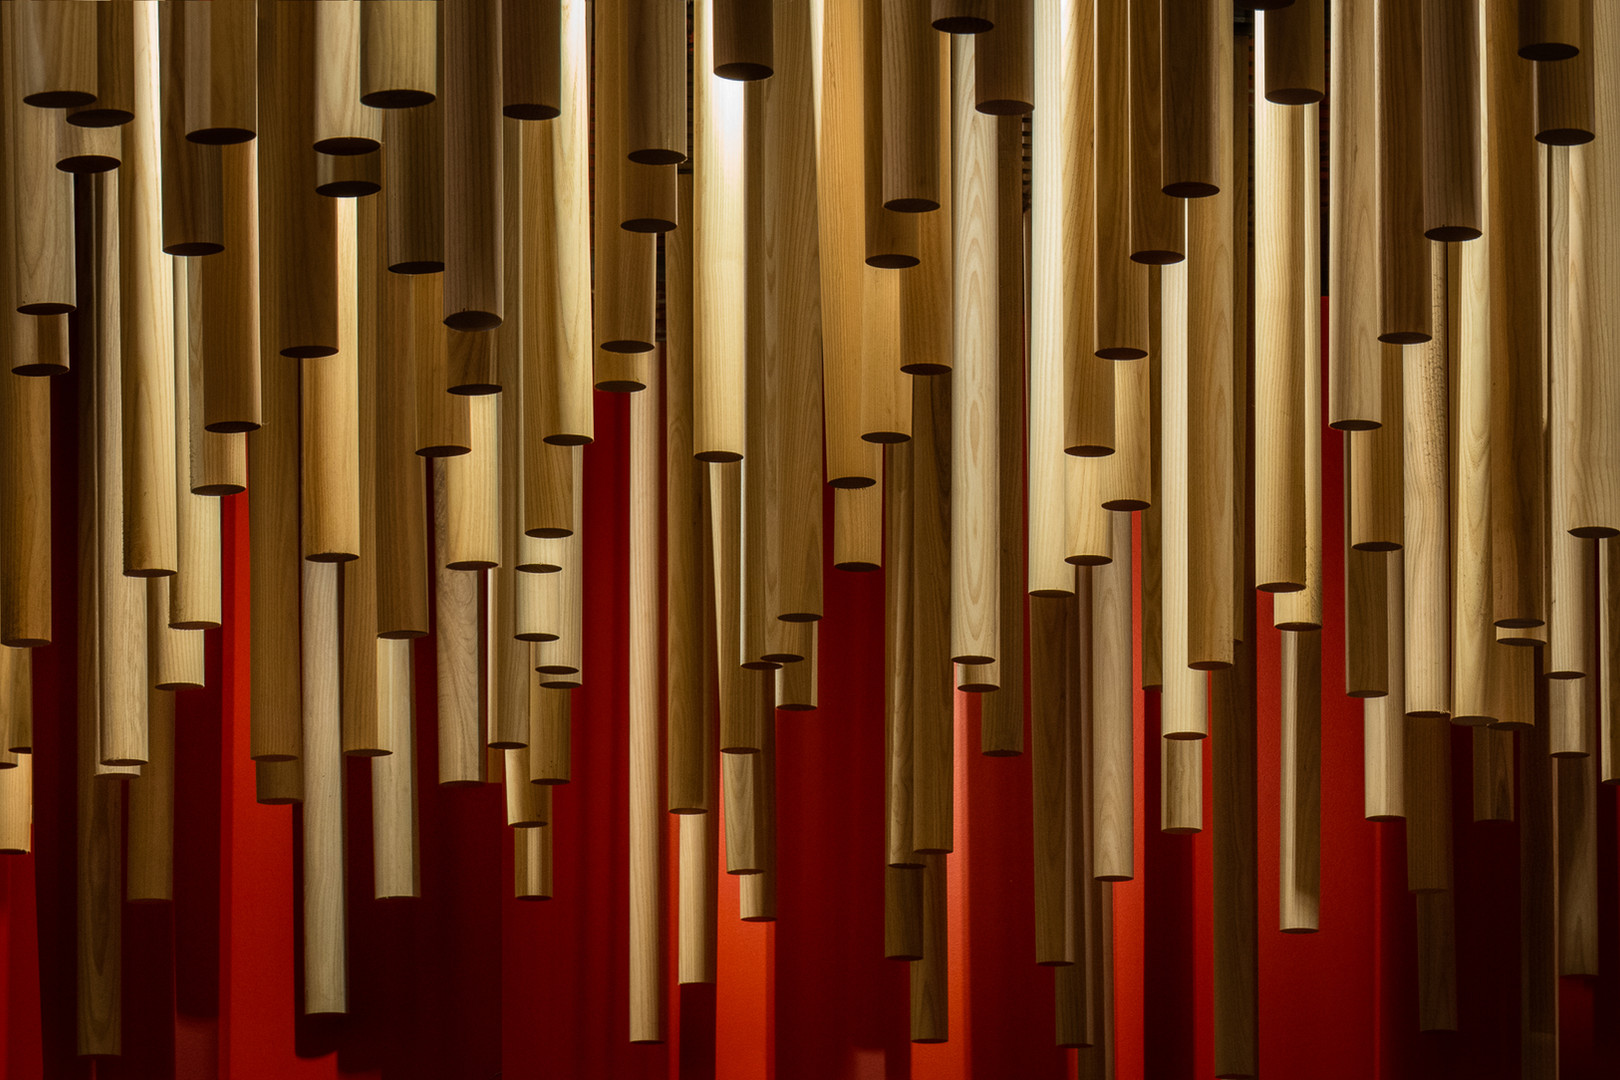 LivStudio_SMB_Final Images_07.jpg